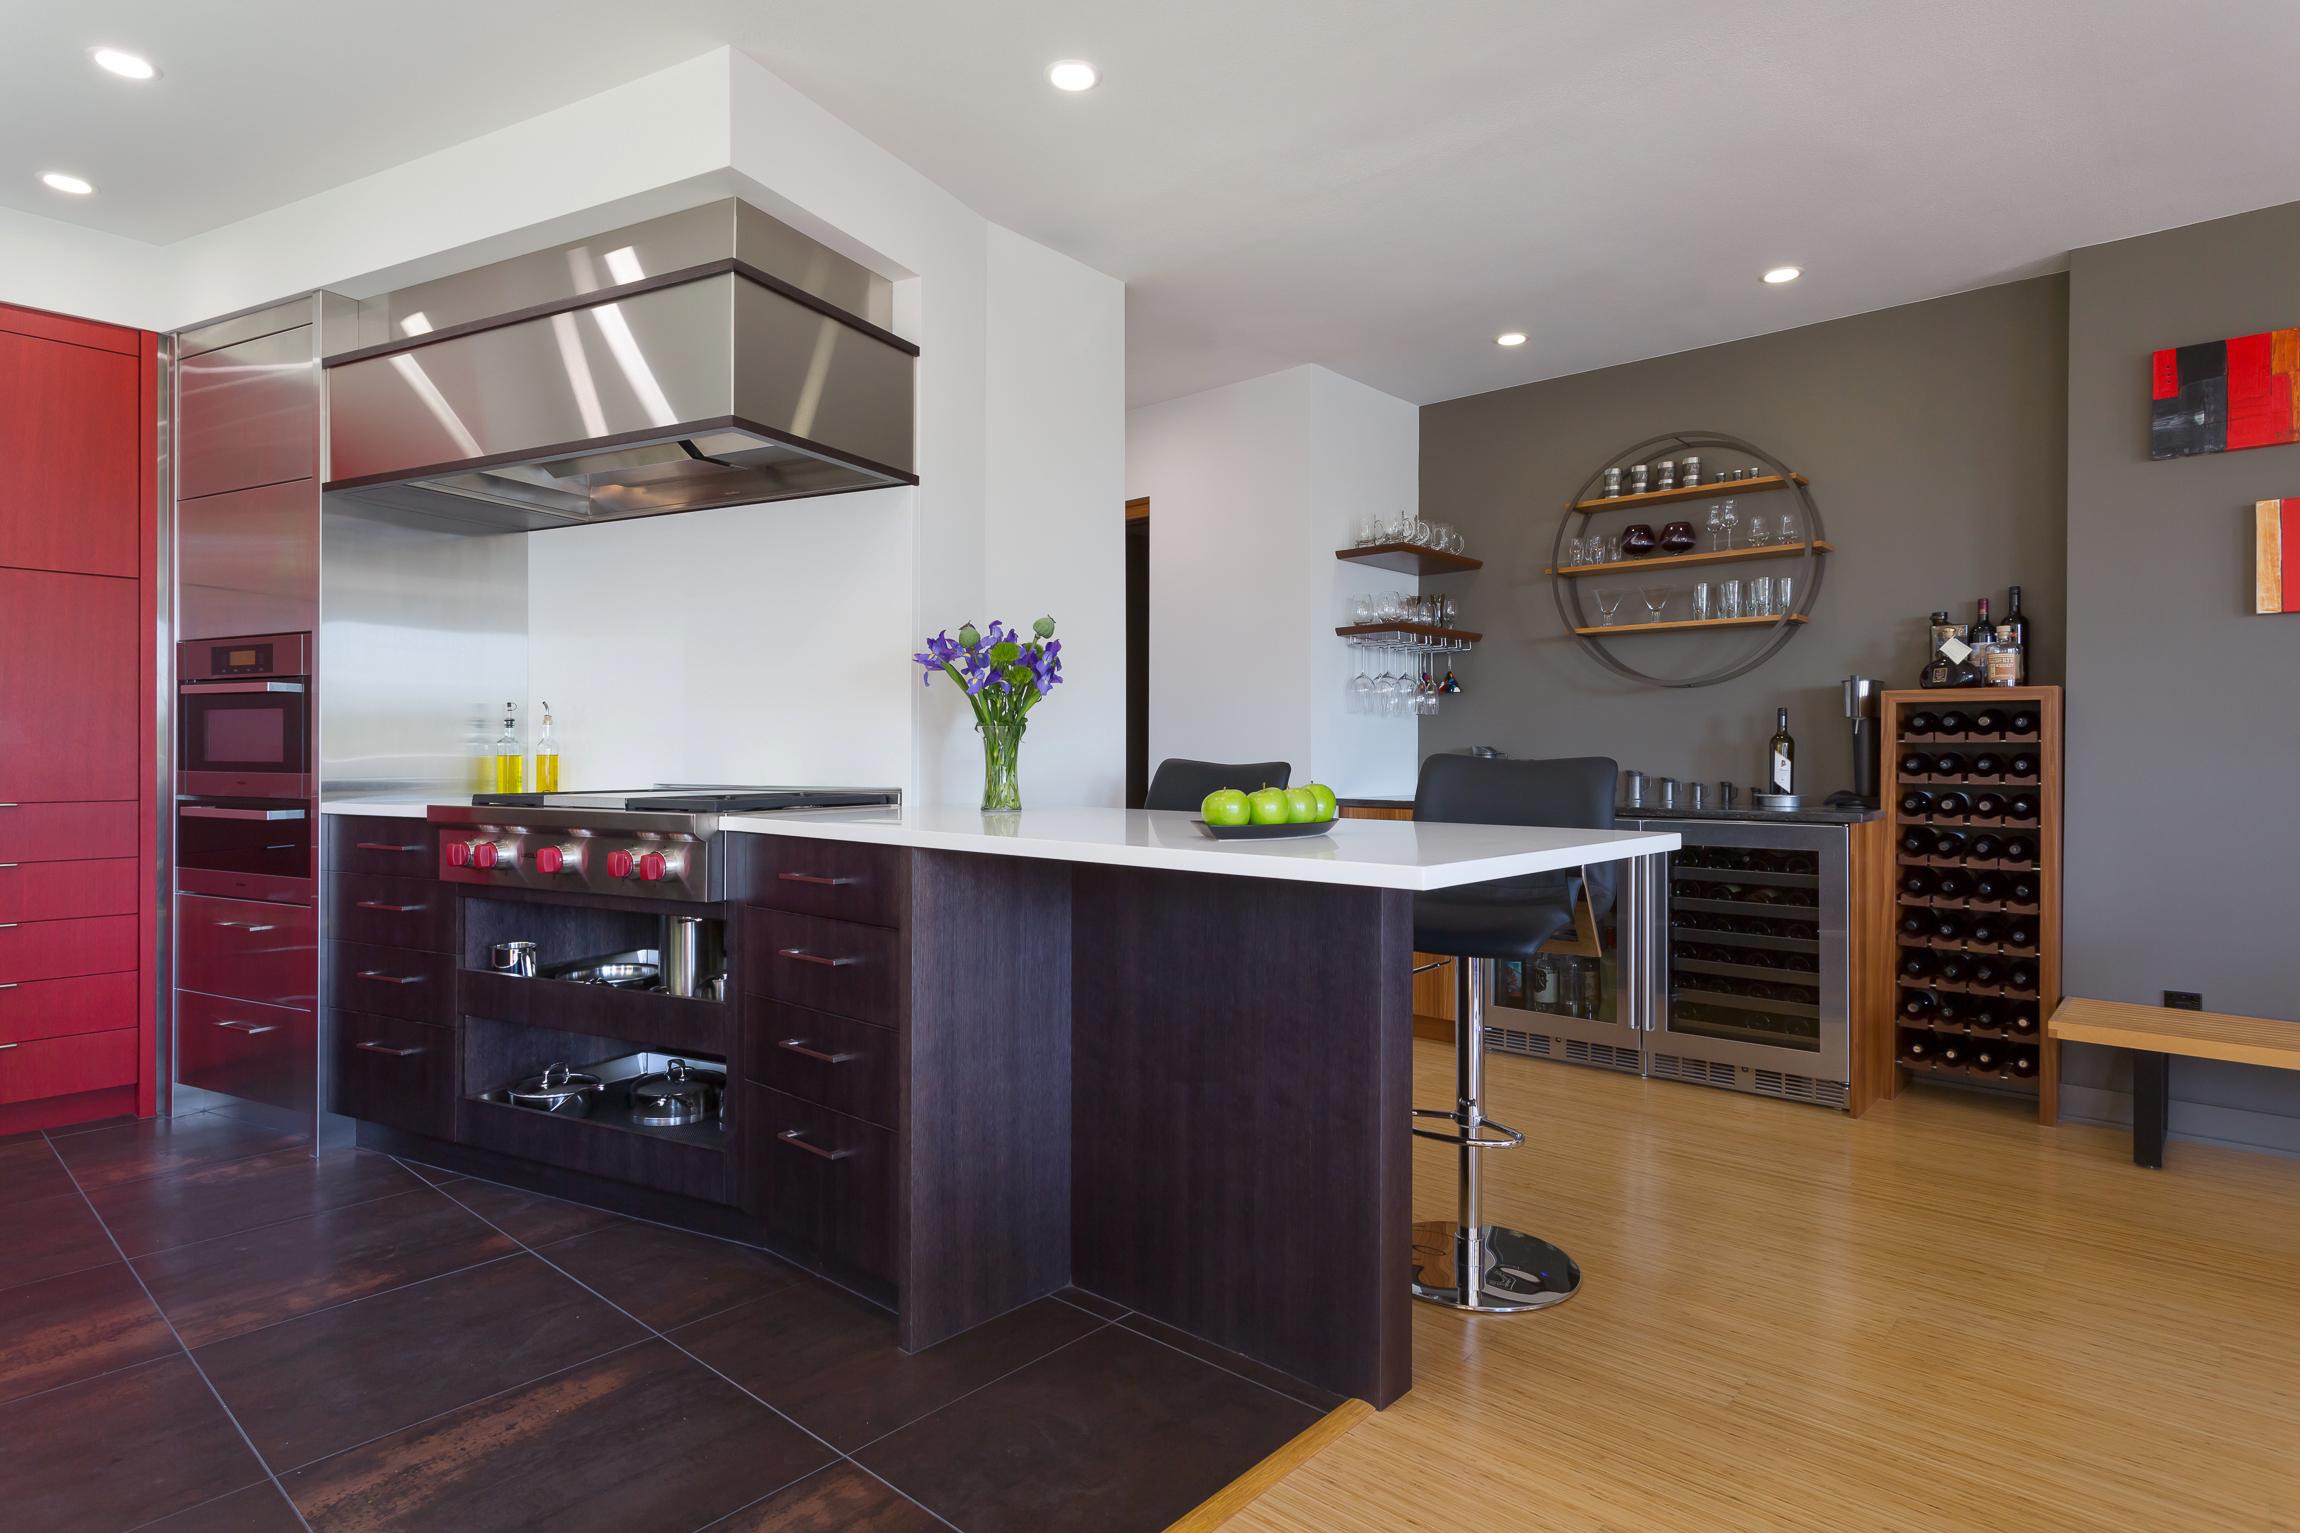 BRISTOL Kirkland Condo Kitchen 3.jpg